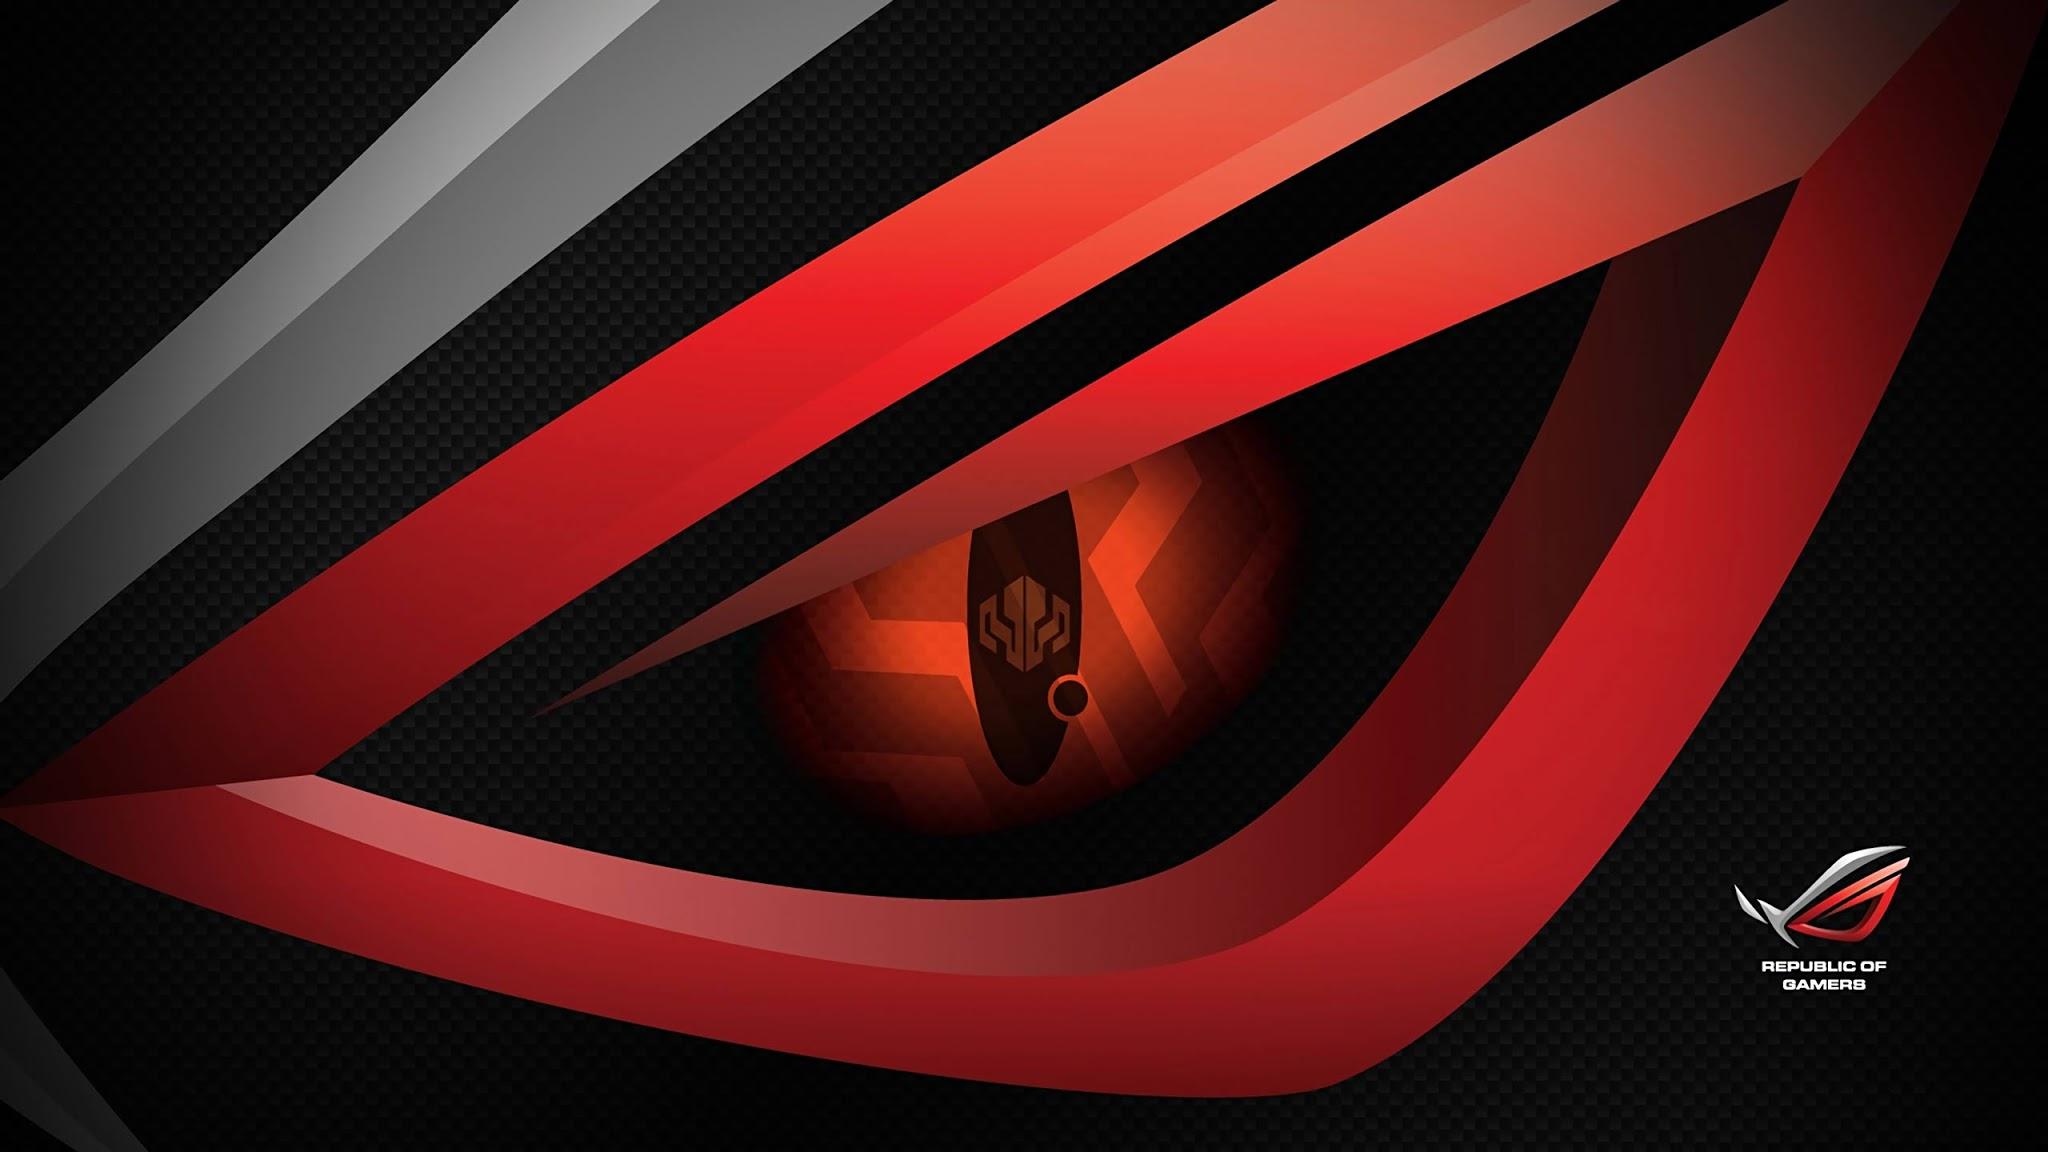 Asus Rog Red Logo